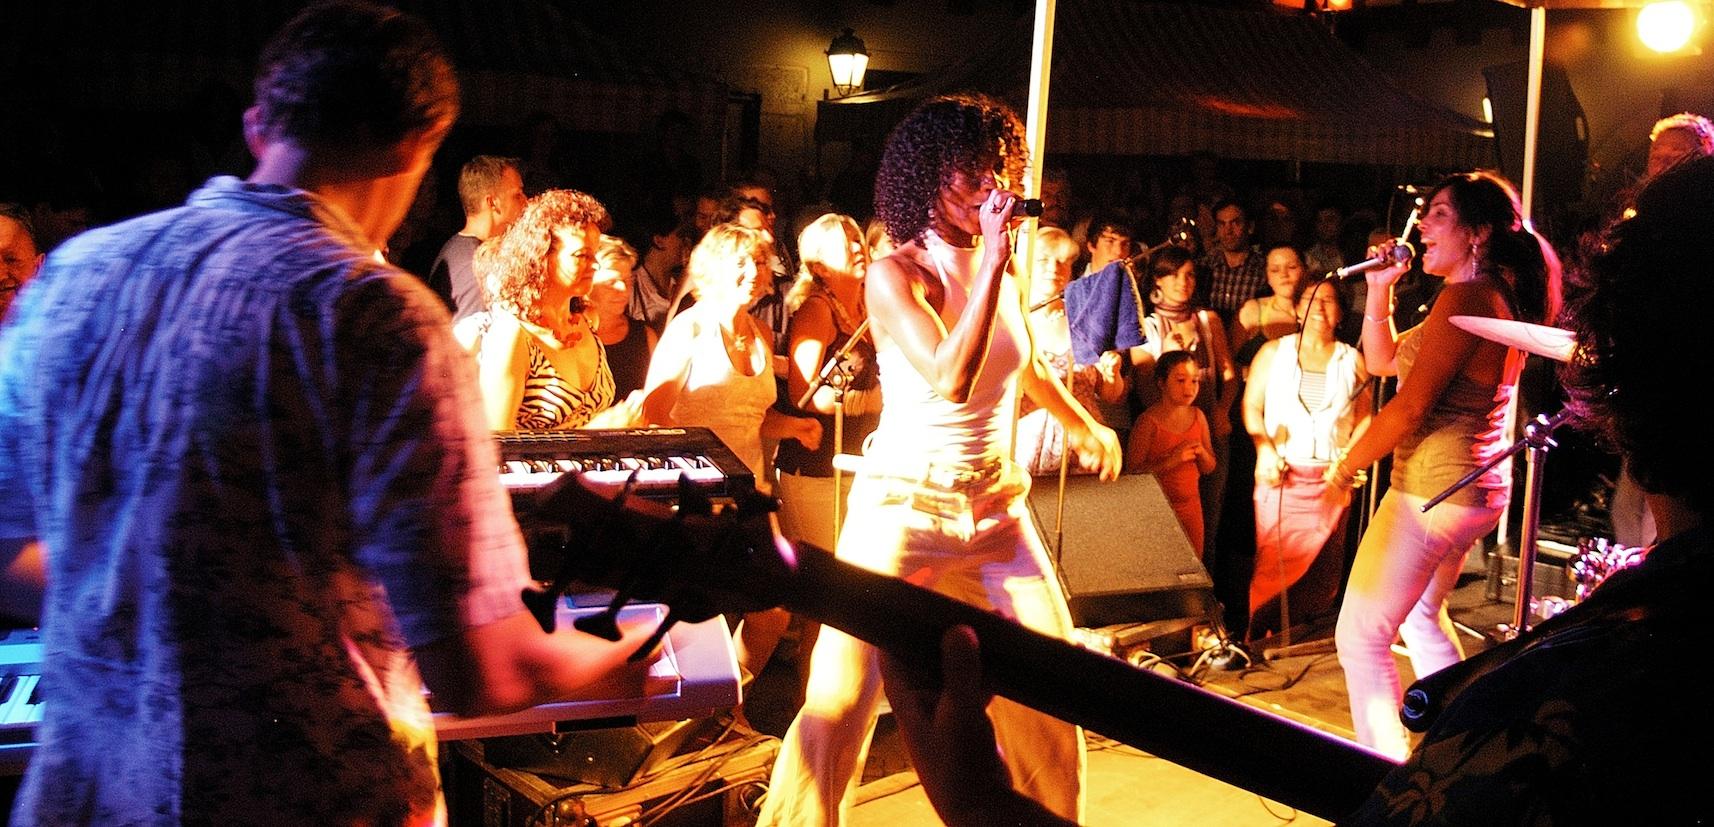 Cleo&Band&Public_2007 07 14 K-balada 241-2 Kopie